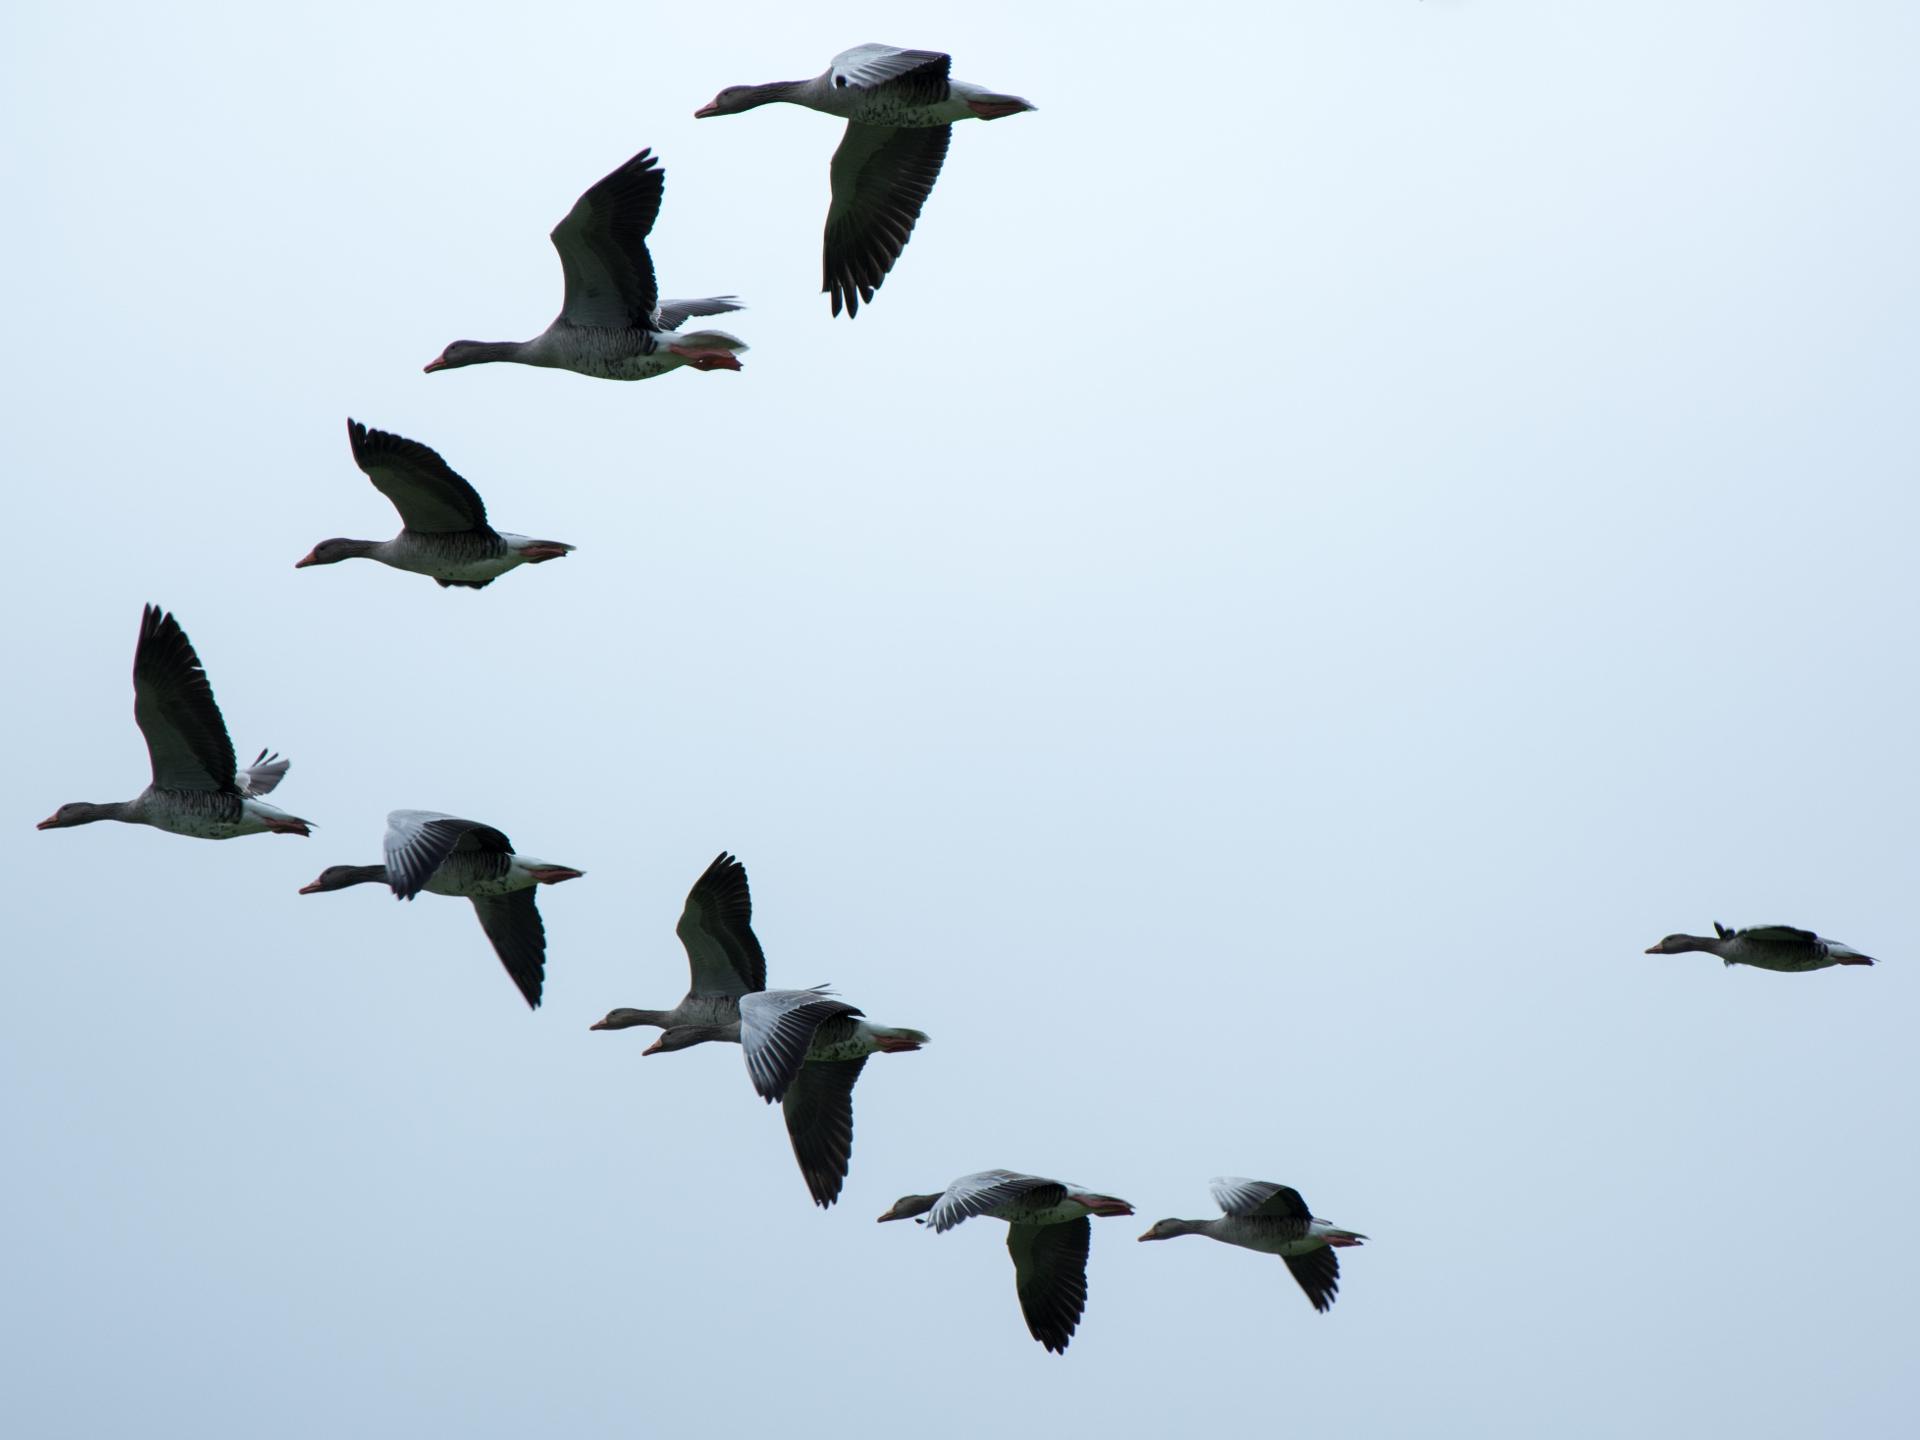 Ein Teil der Überlebensstrategie ist auch das Sparen von Energie, indem sie in V-Formation fliegen - Photocredit: pixabay.com/Antranias